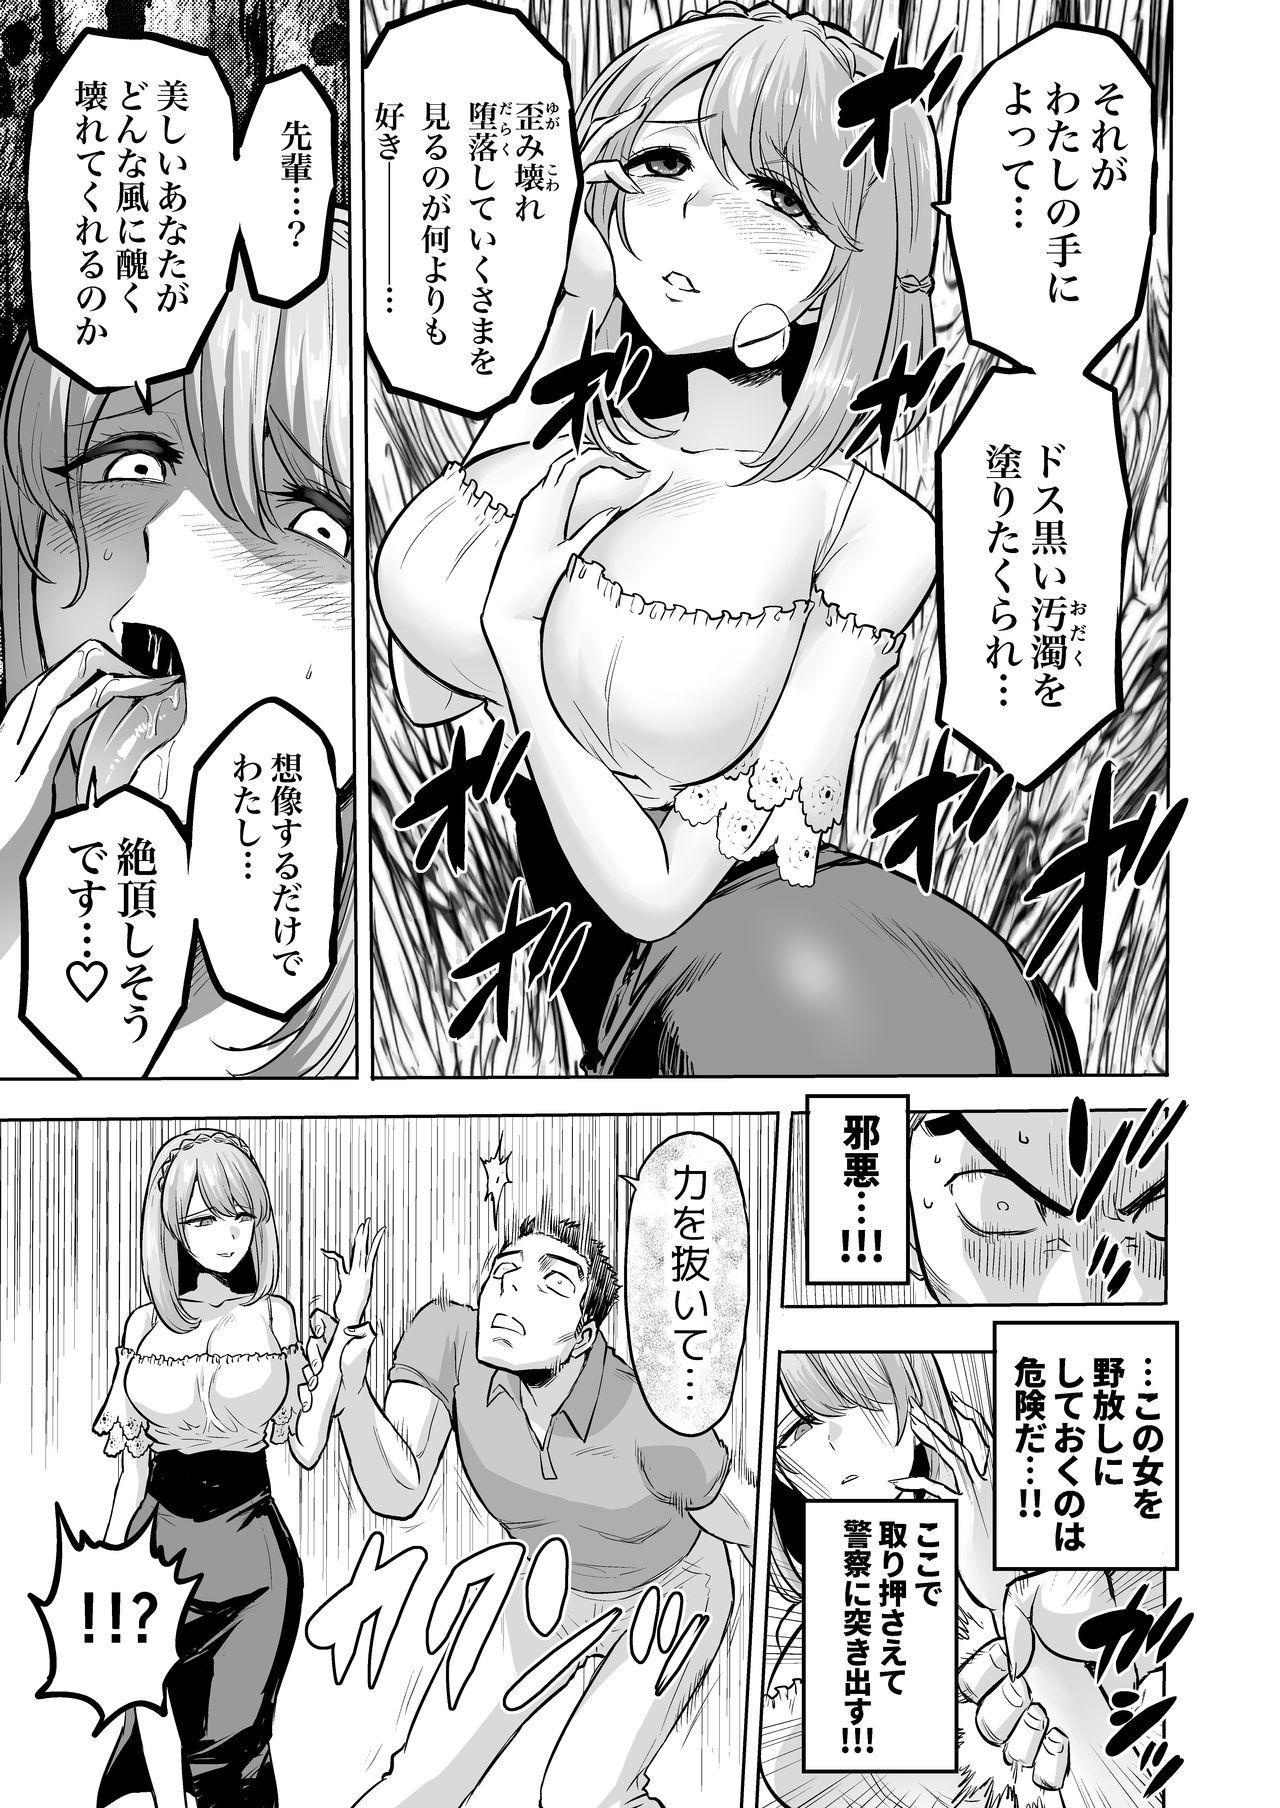 囁きの淫魔 ~清楚系ビッチな後輩女子大生による人格破壊催眠~ 22